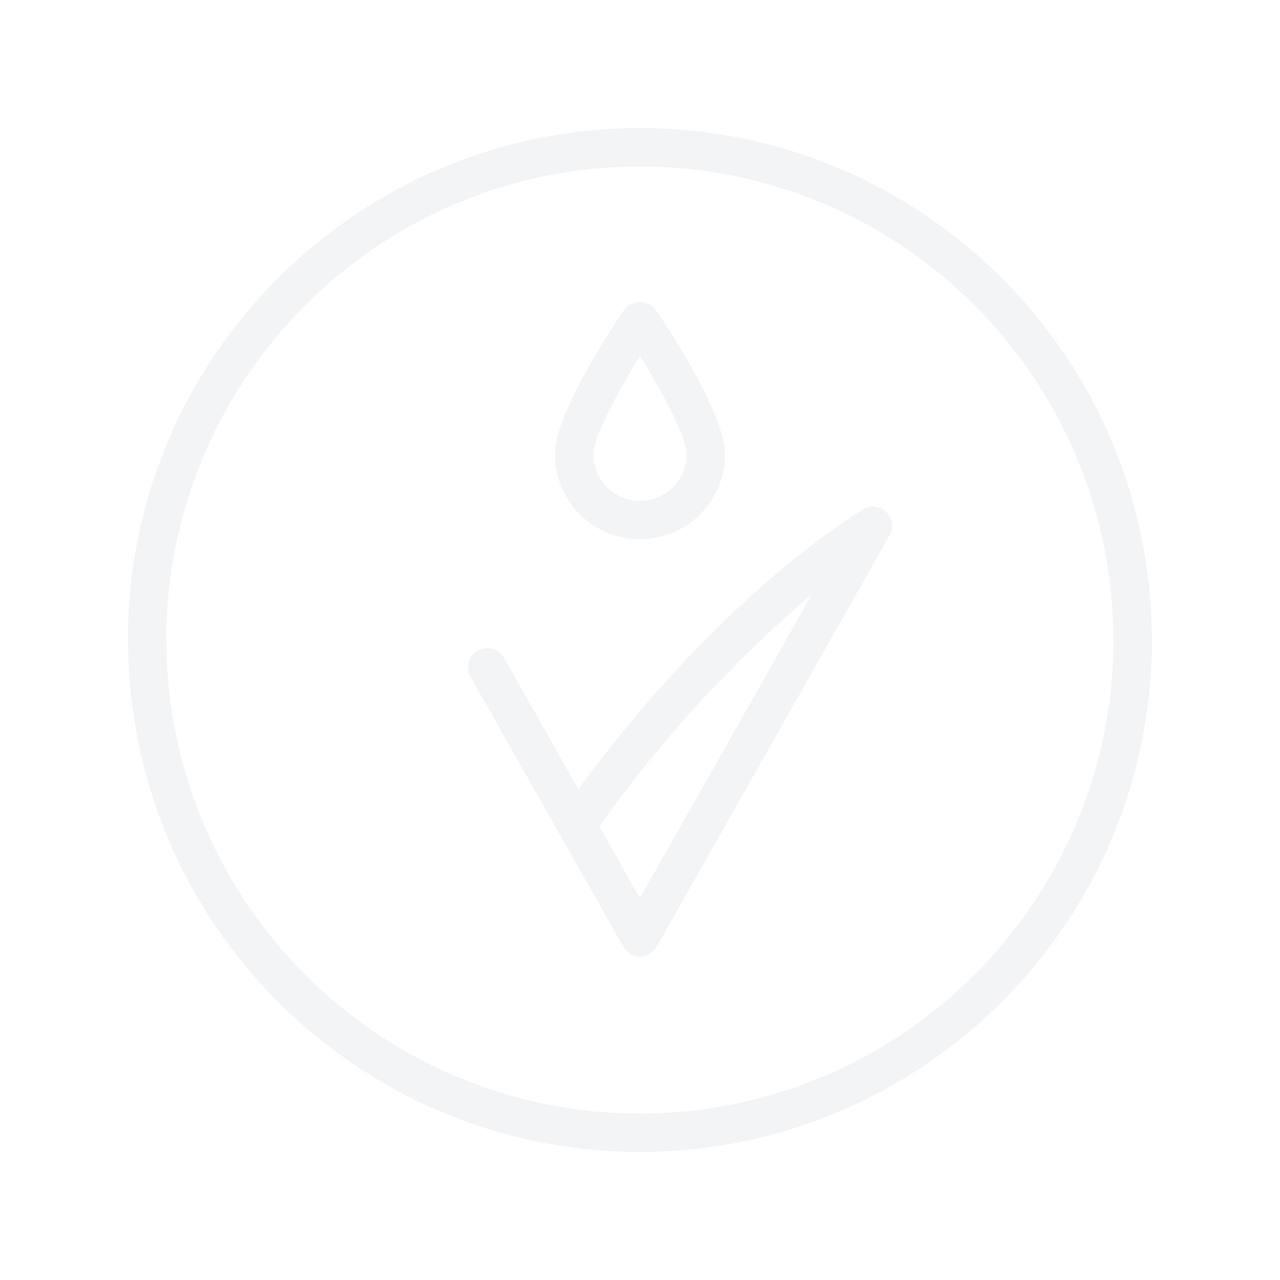 KOCOSTAR 5 Finger Nail Pack 4g